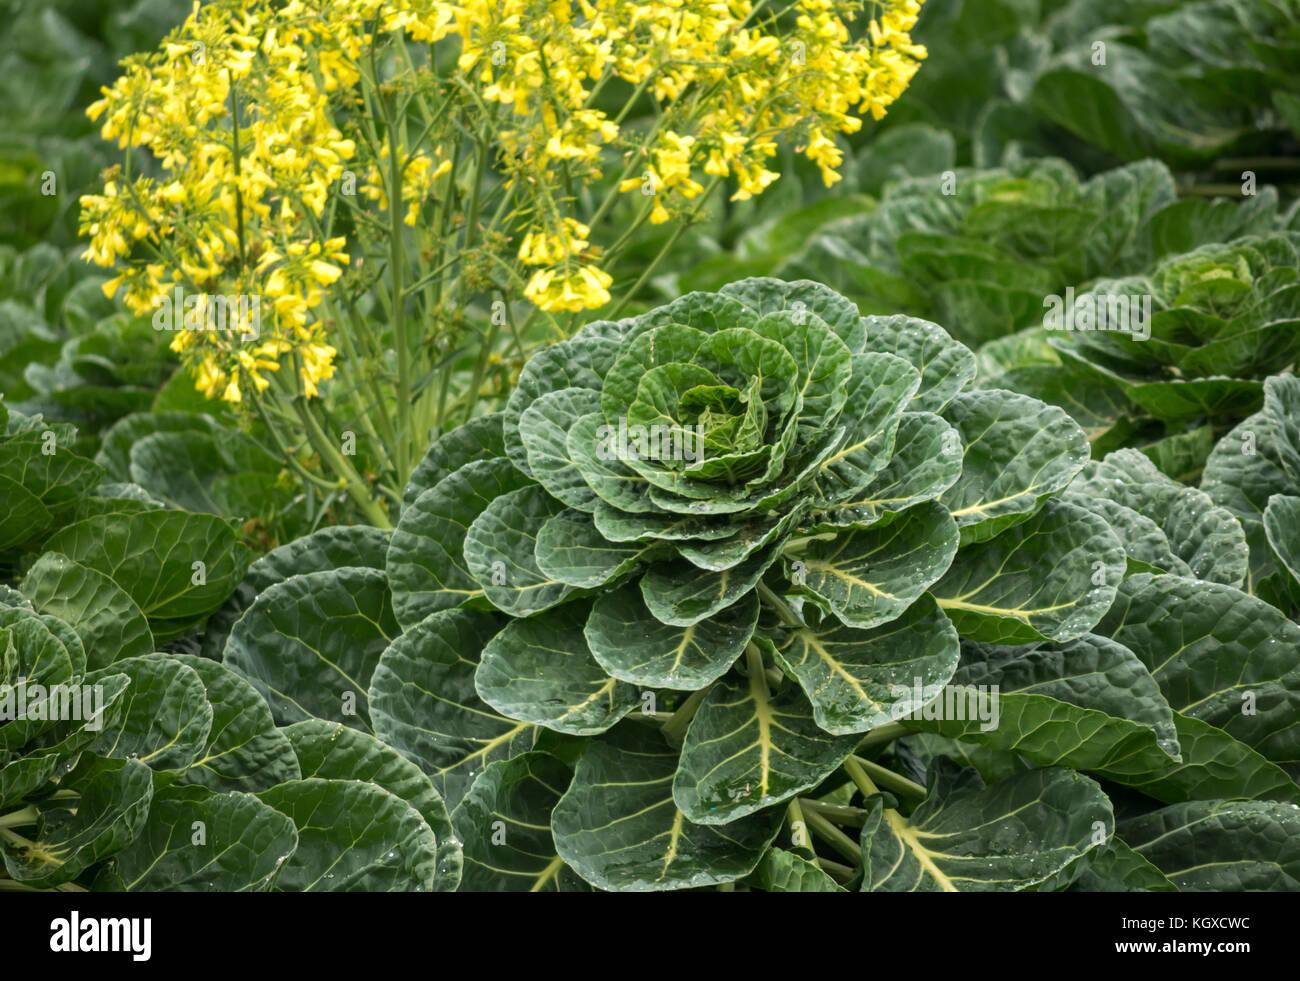 Pianta Cavolini Di Bruxelles close up di cavoli di bruxelles impianto, brassica oleracea